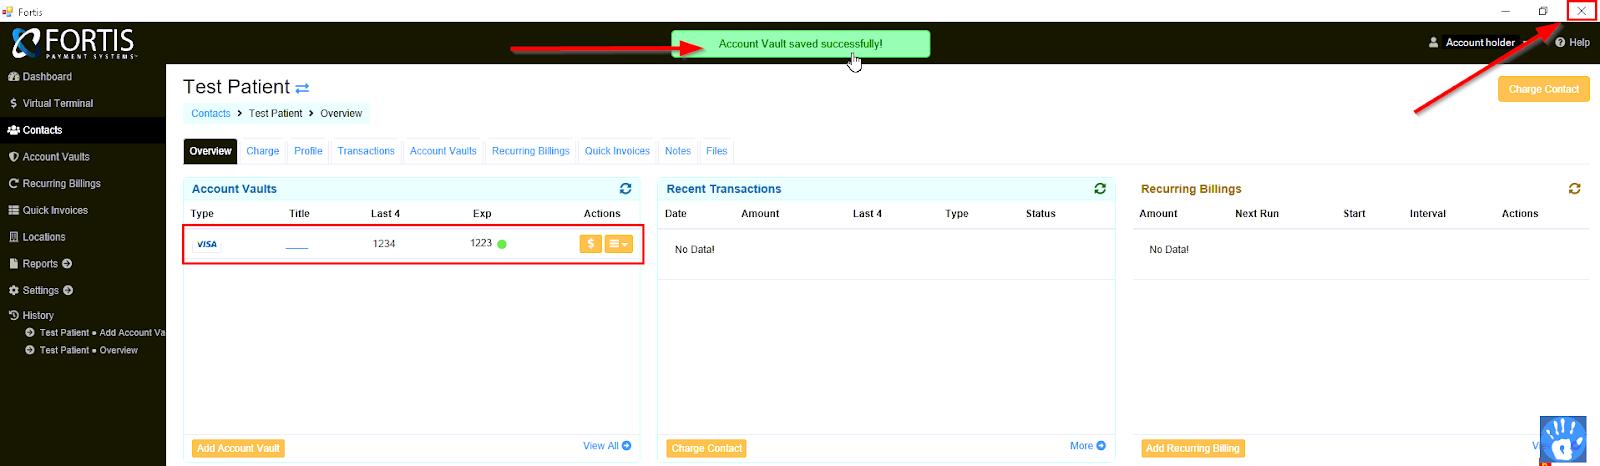 Confirming_Account_Vault.png